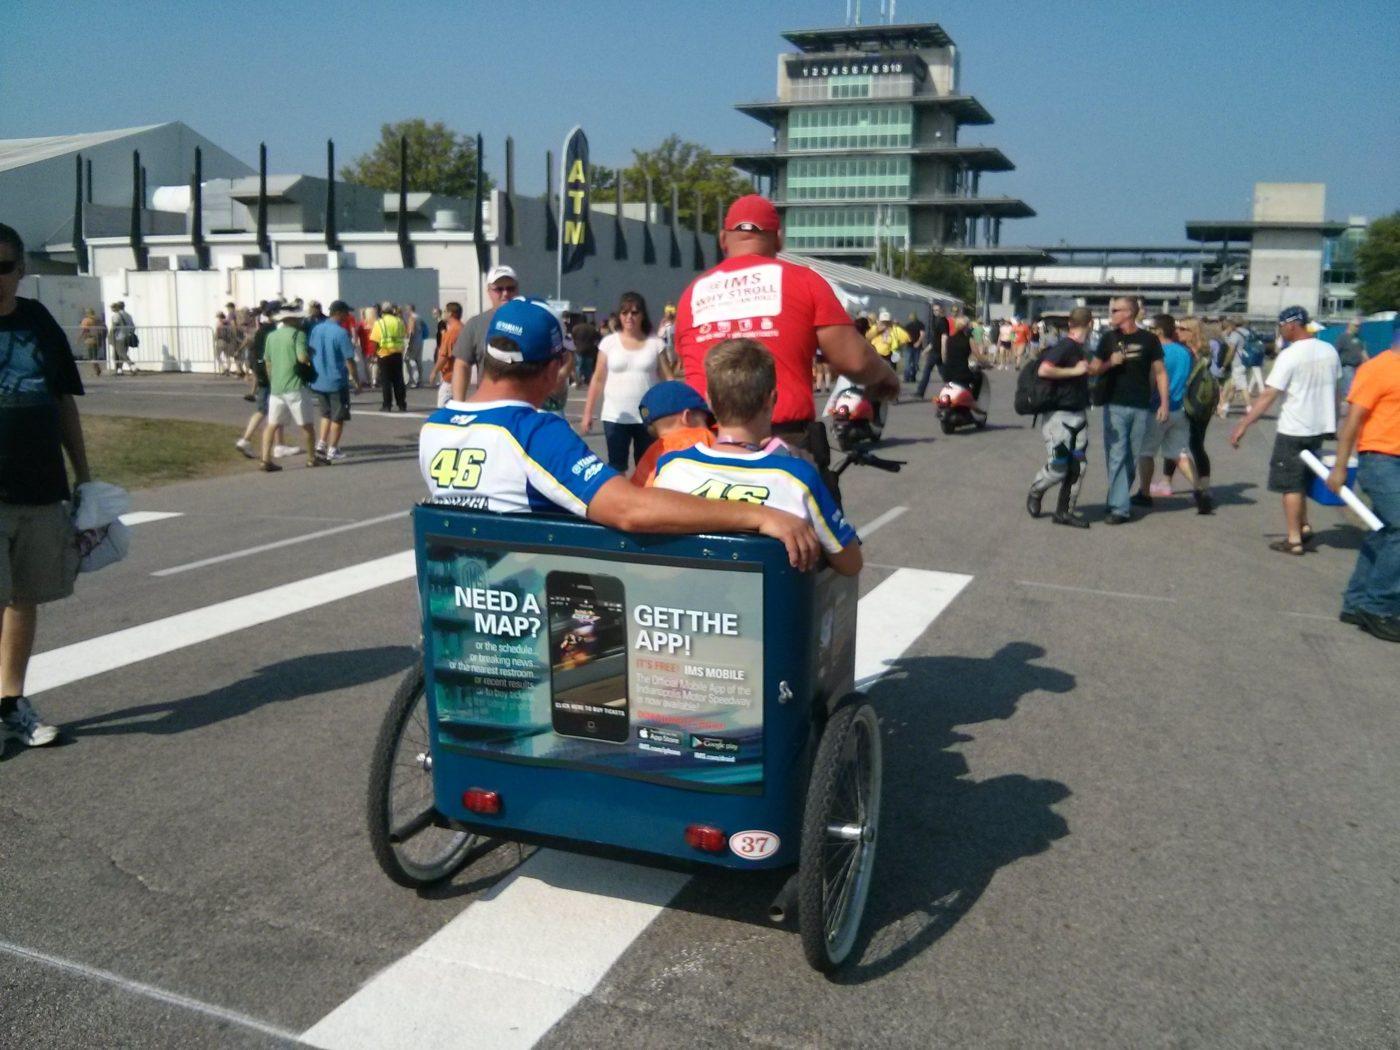 Indianpolis Motor Speedway